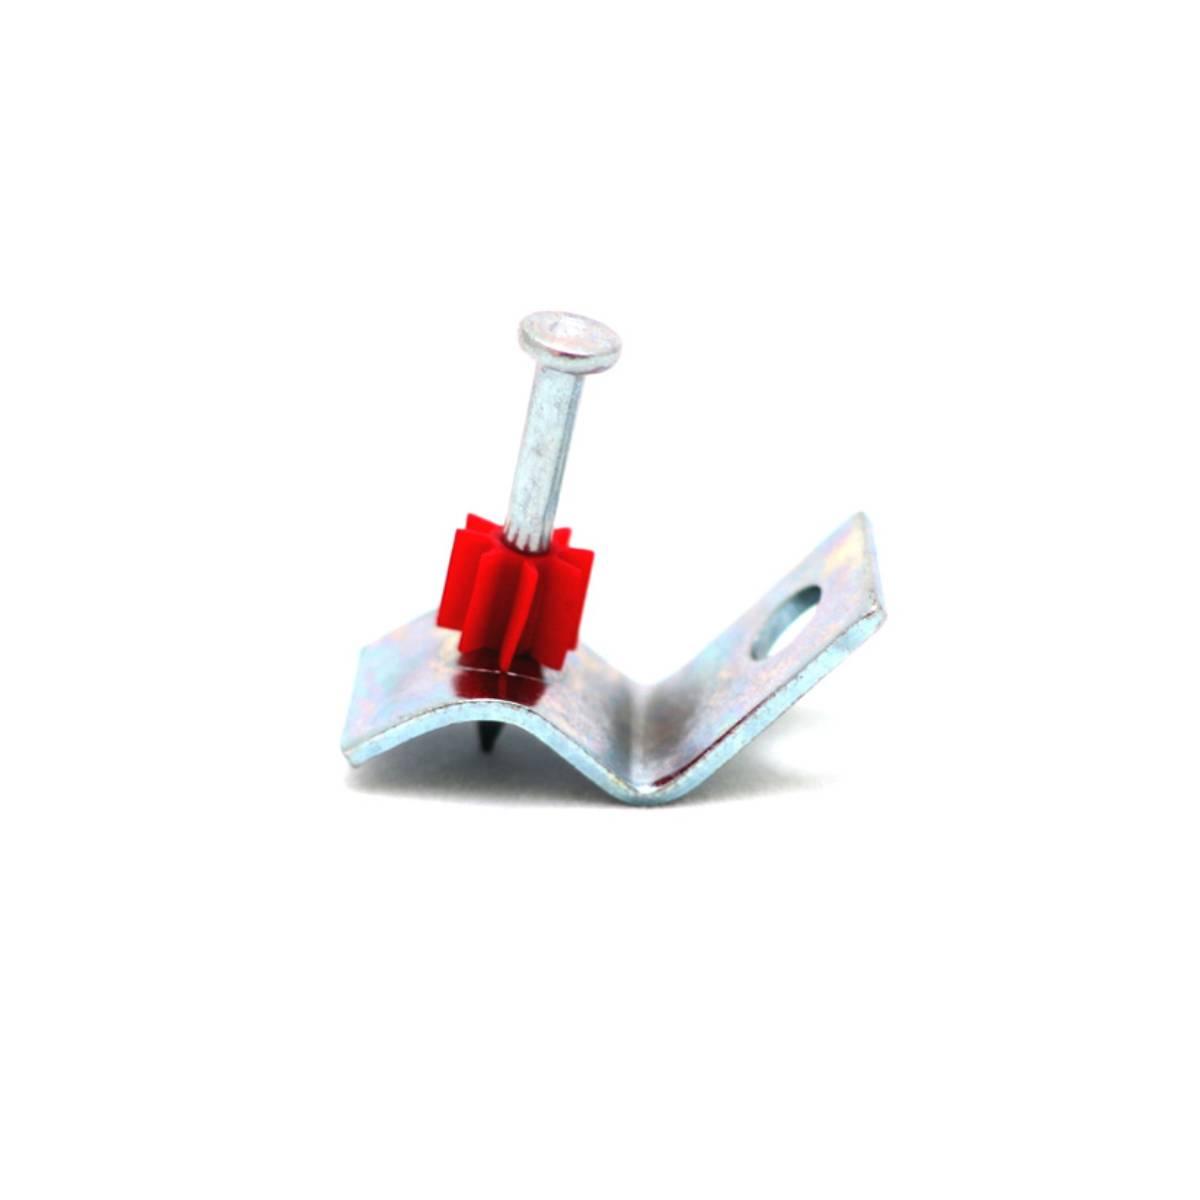 Angulo Con Clavo 1 1/4 In 100 Pz De Pistola PDA32 Gram-Bel